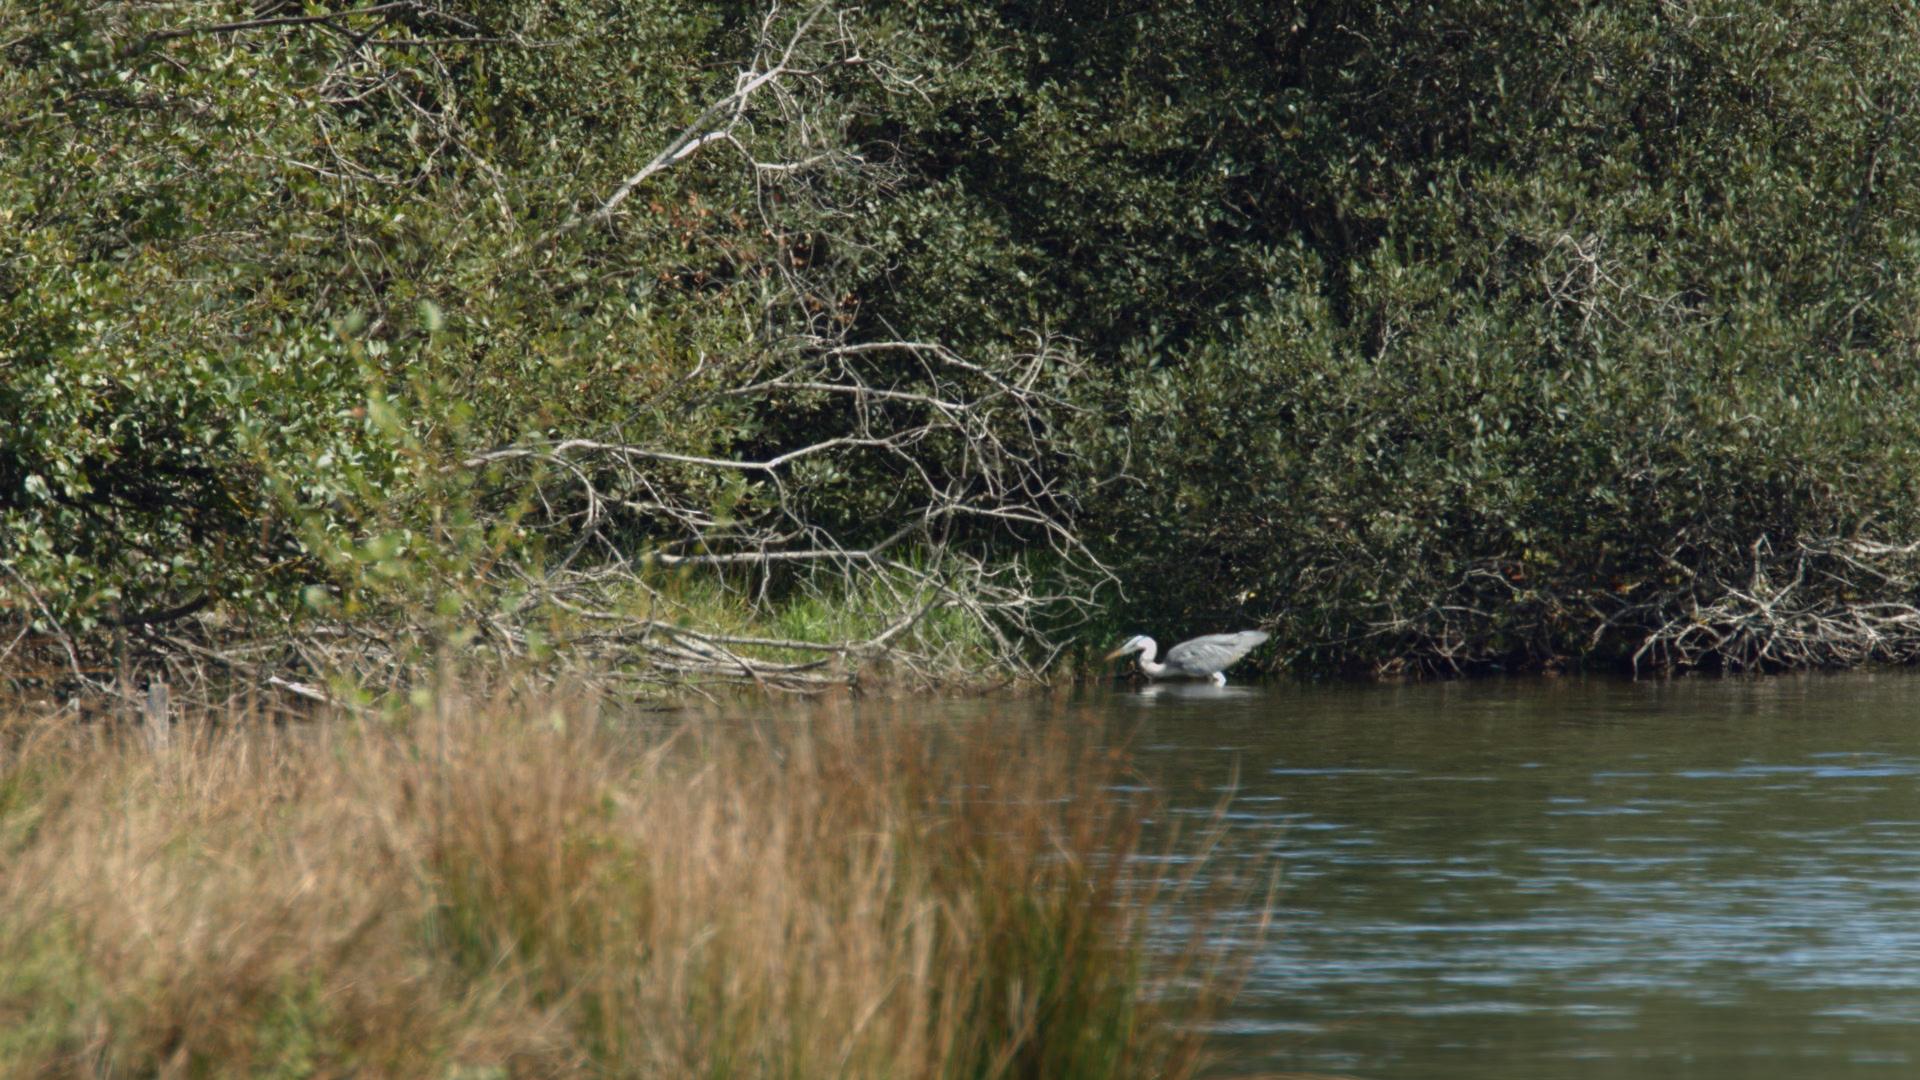 Oiseaux migrateurs à l'observatoire du lac de la Gourde